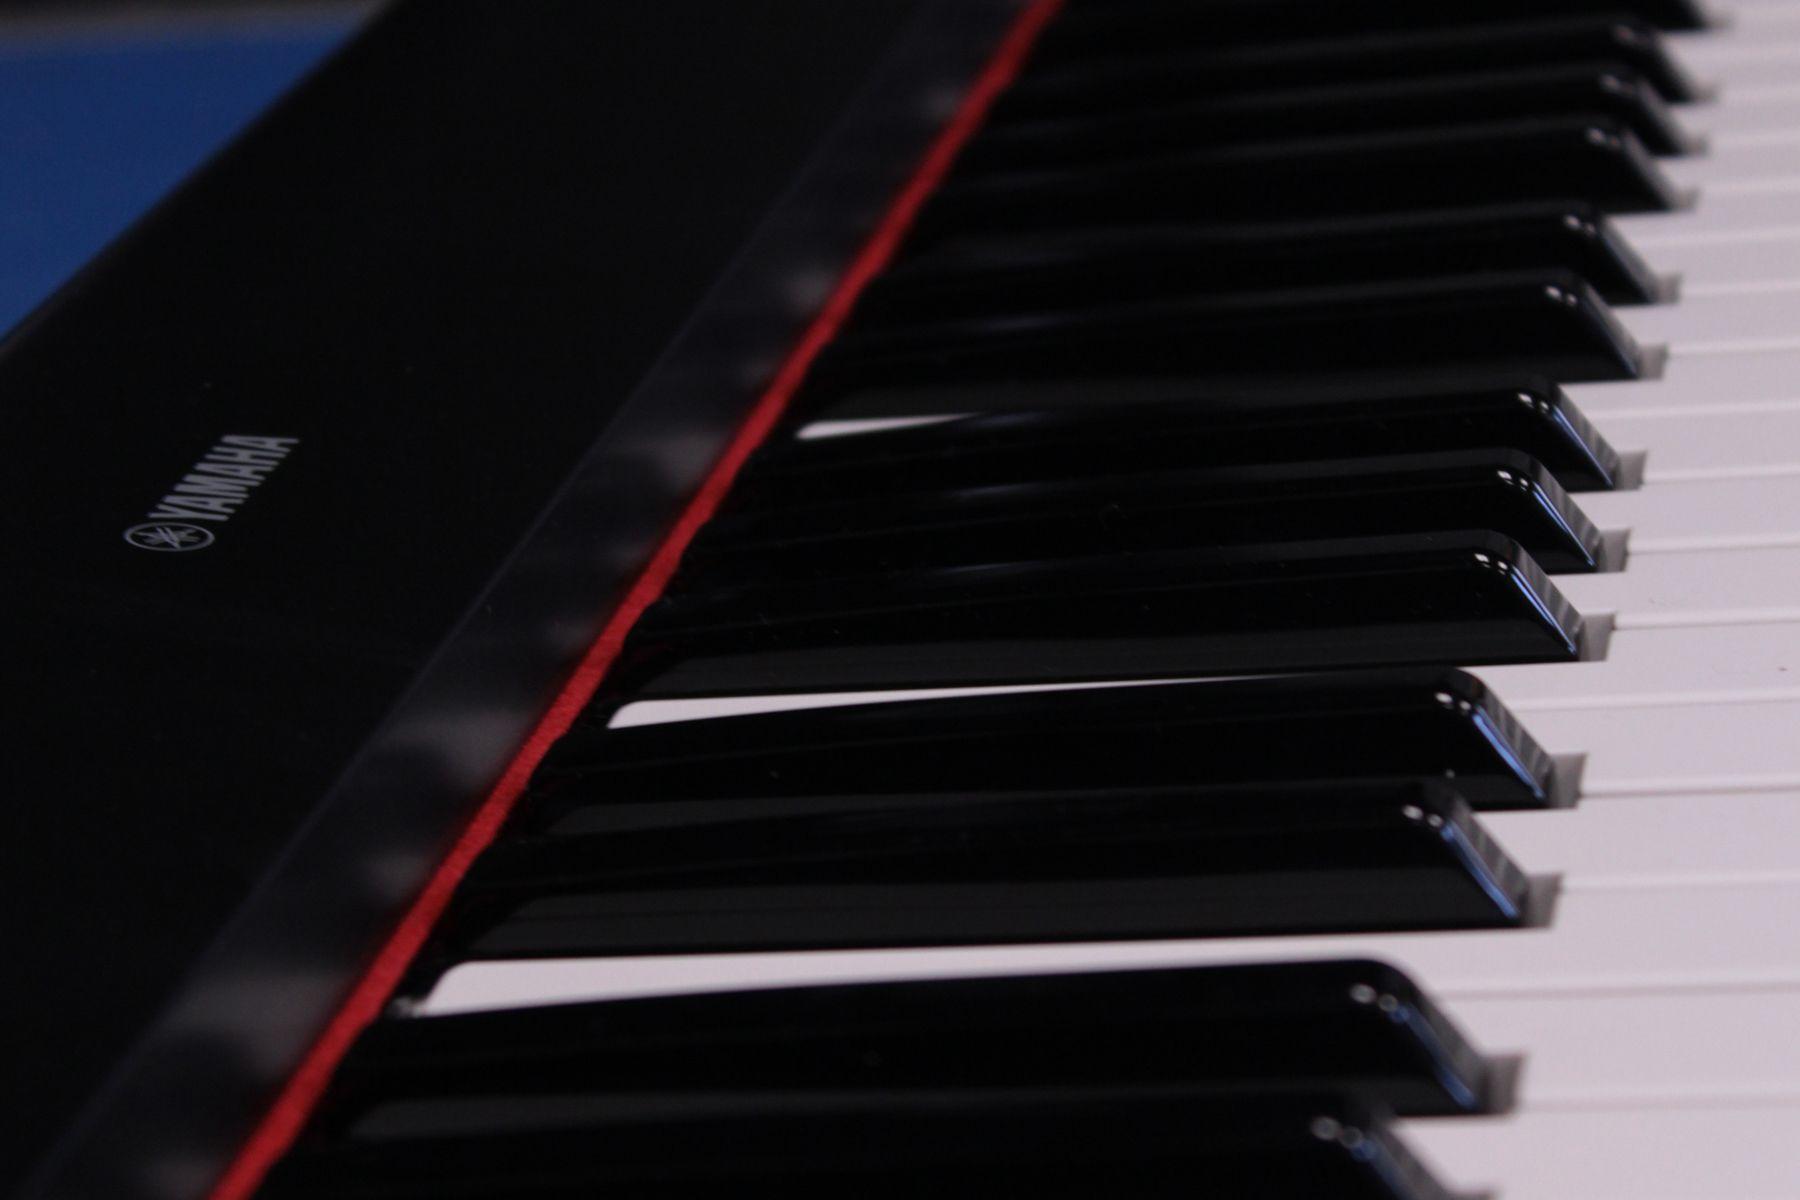 Yamaha Keyboard rentals atx